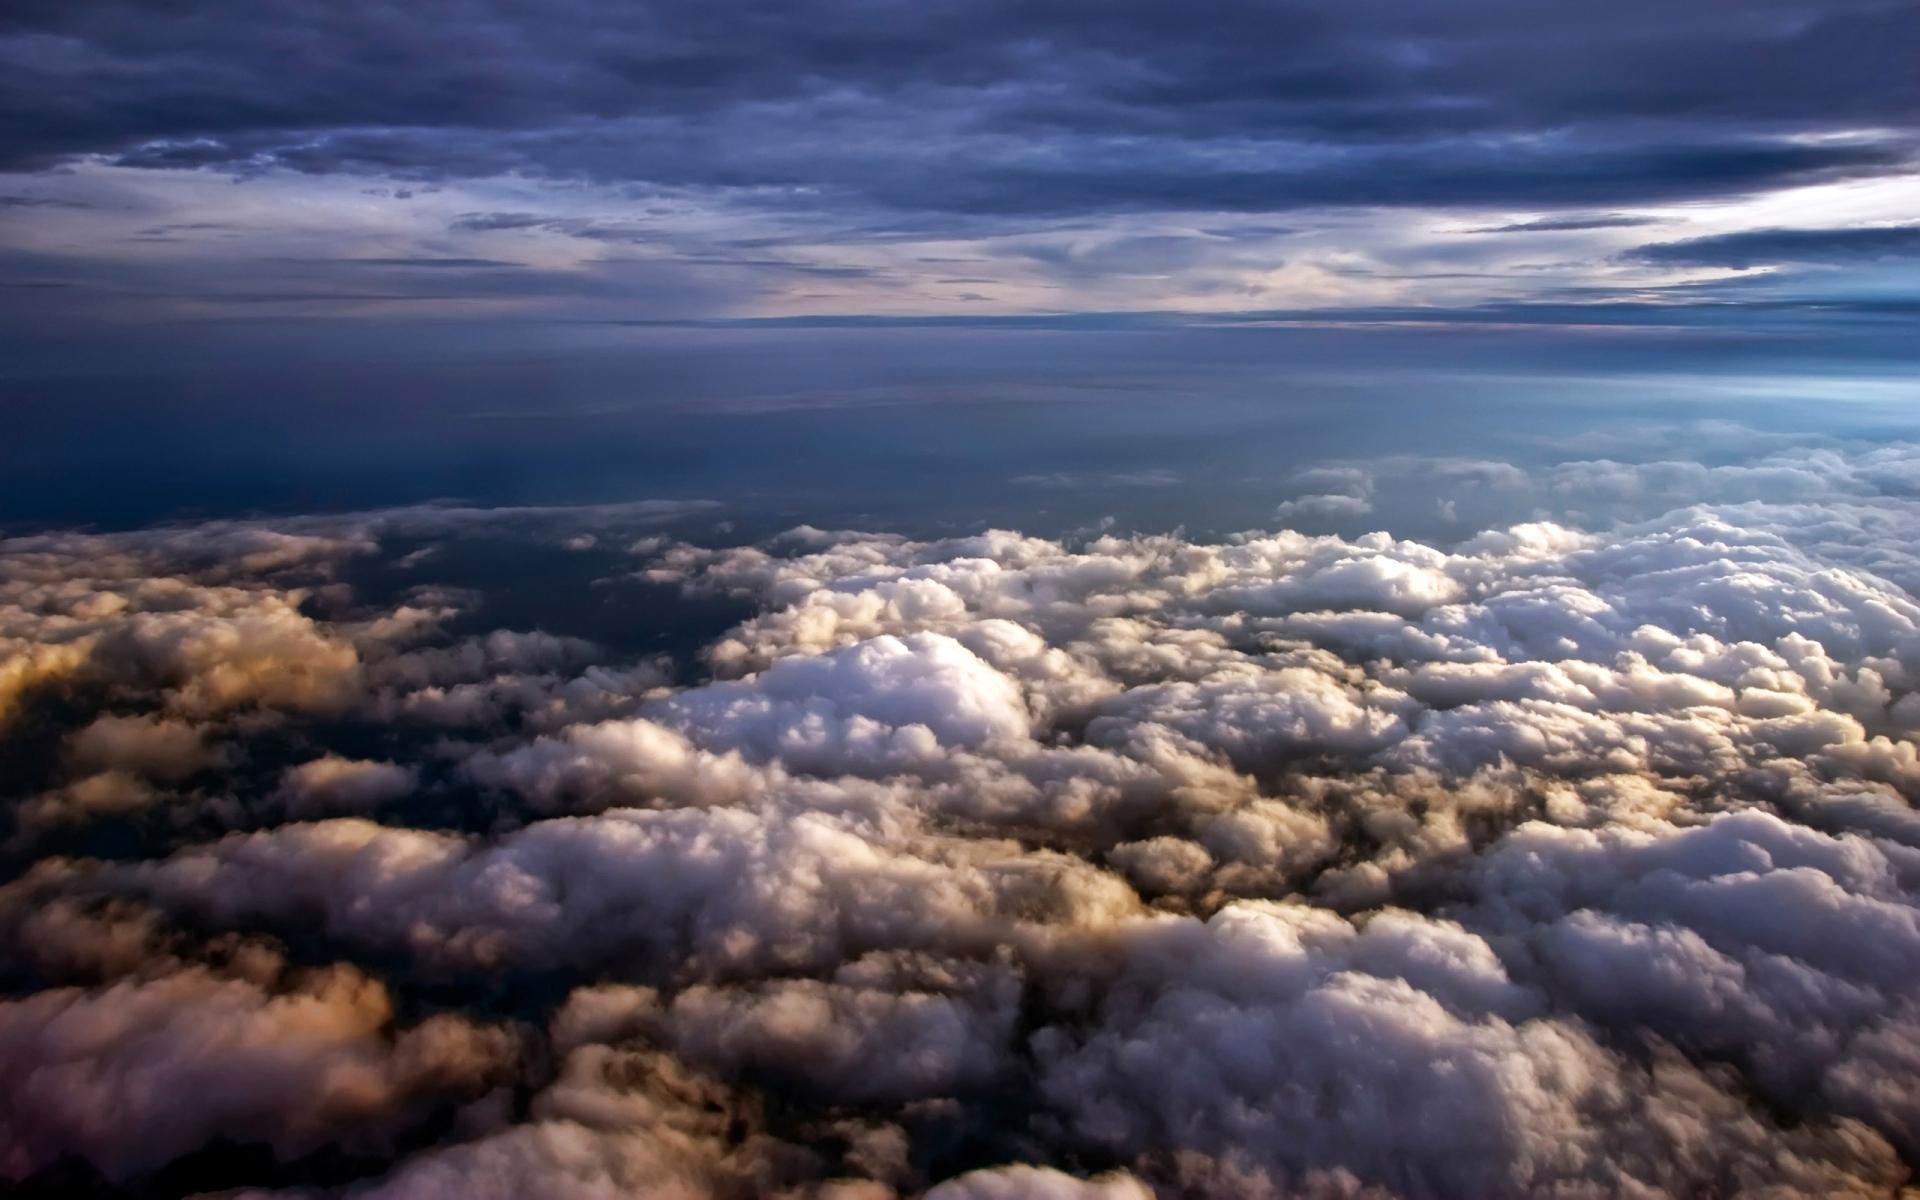 14 увлекательных фактов о нашей планете, о которых вы могли не знать